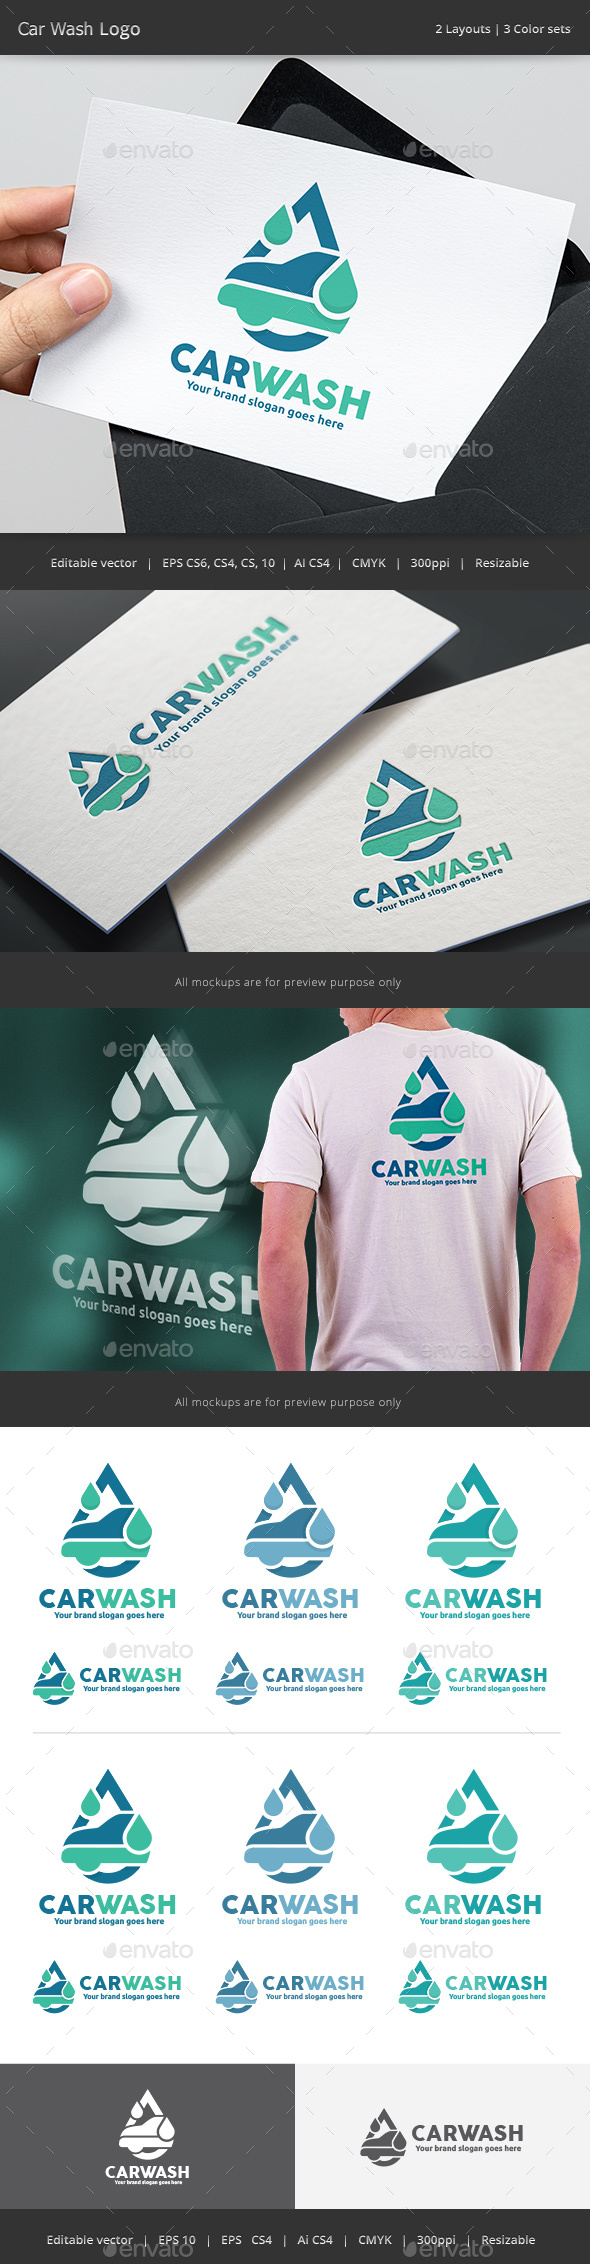 Auto Car Wash Logo - Vector Abstract